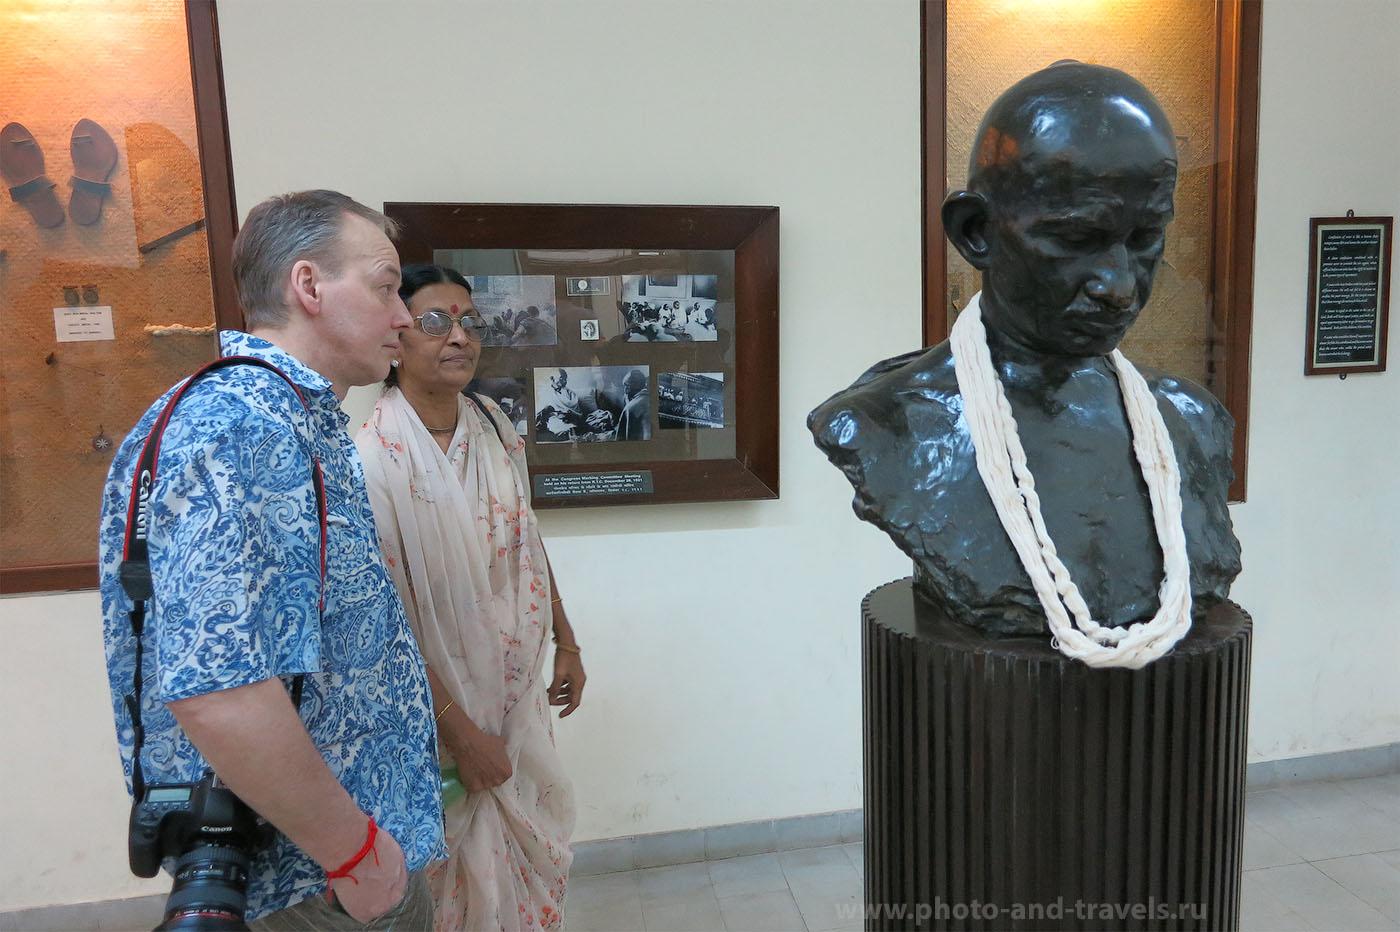 Фотография 28. Поездка в Индию. Экскурсия в Музее Ганди в Мумбаи (мыльница Canon Powershot S110, 1/30c, f/2.0, ISO 500)